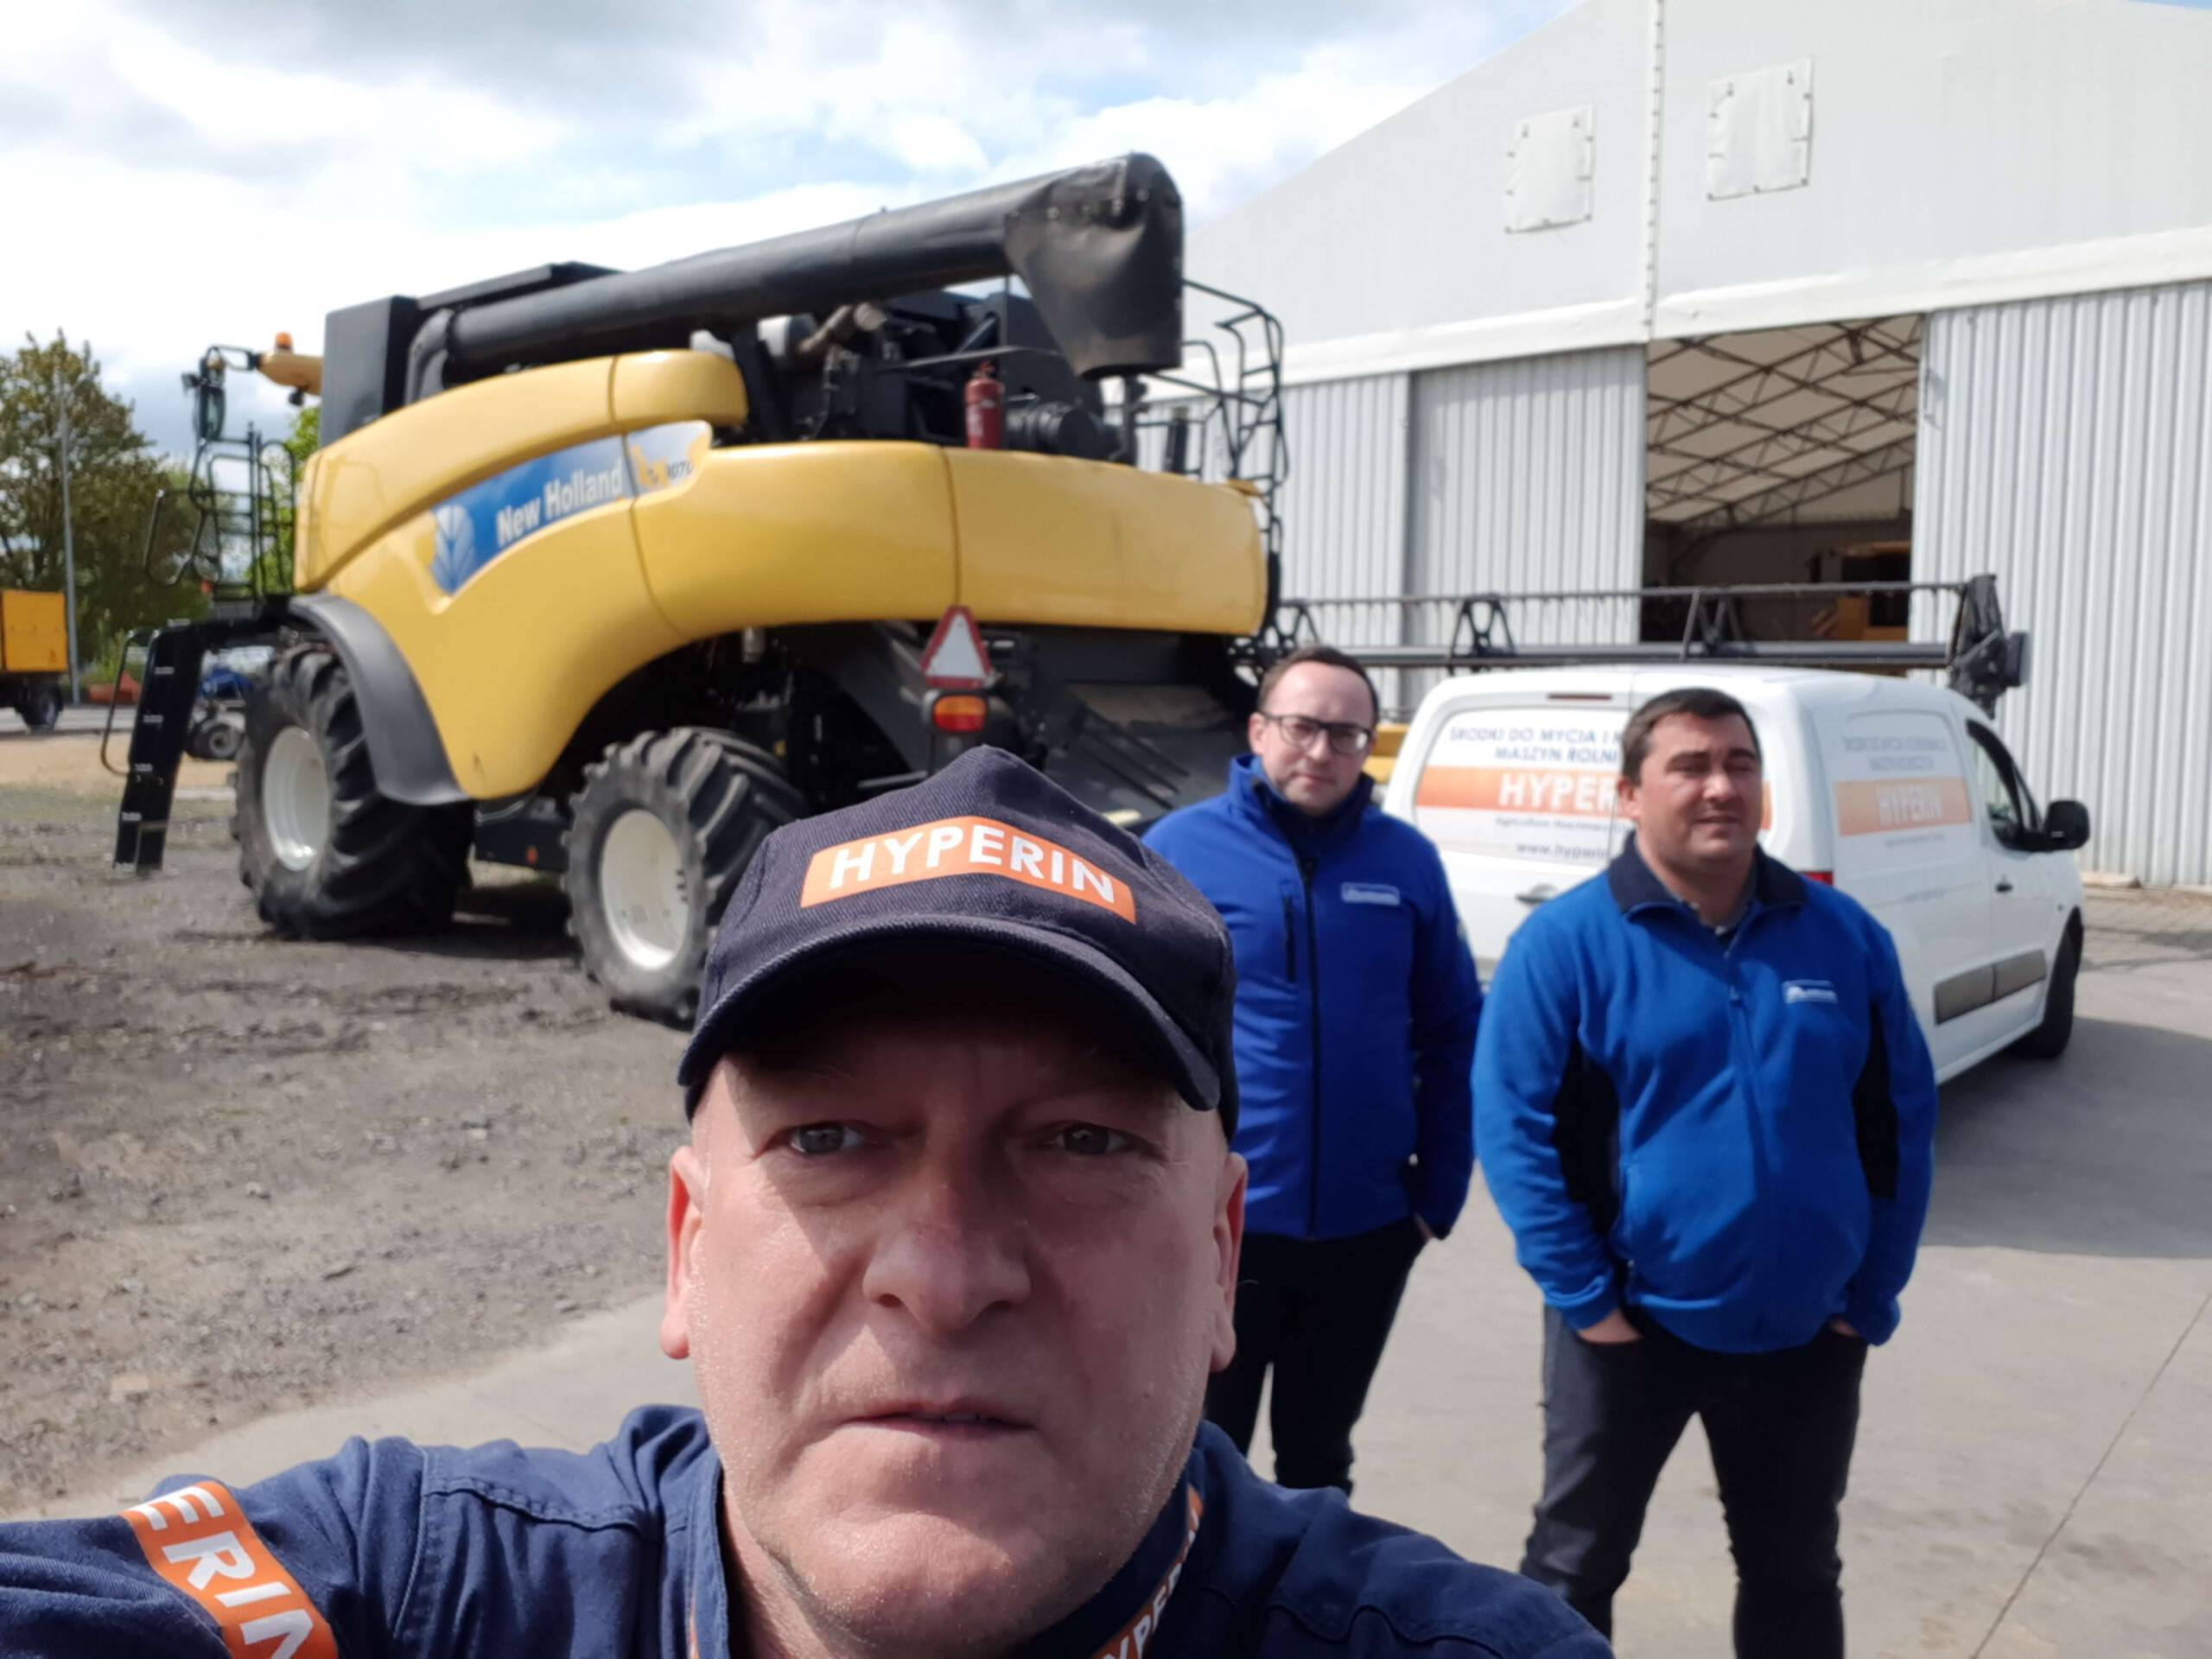 Pokaz w Agrohandel Legnica